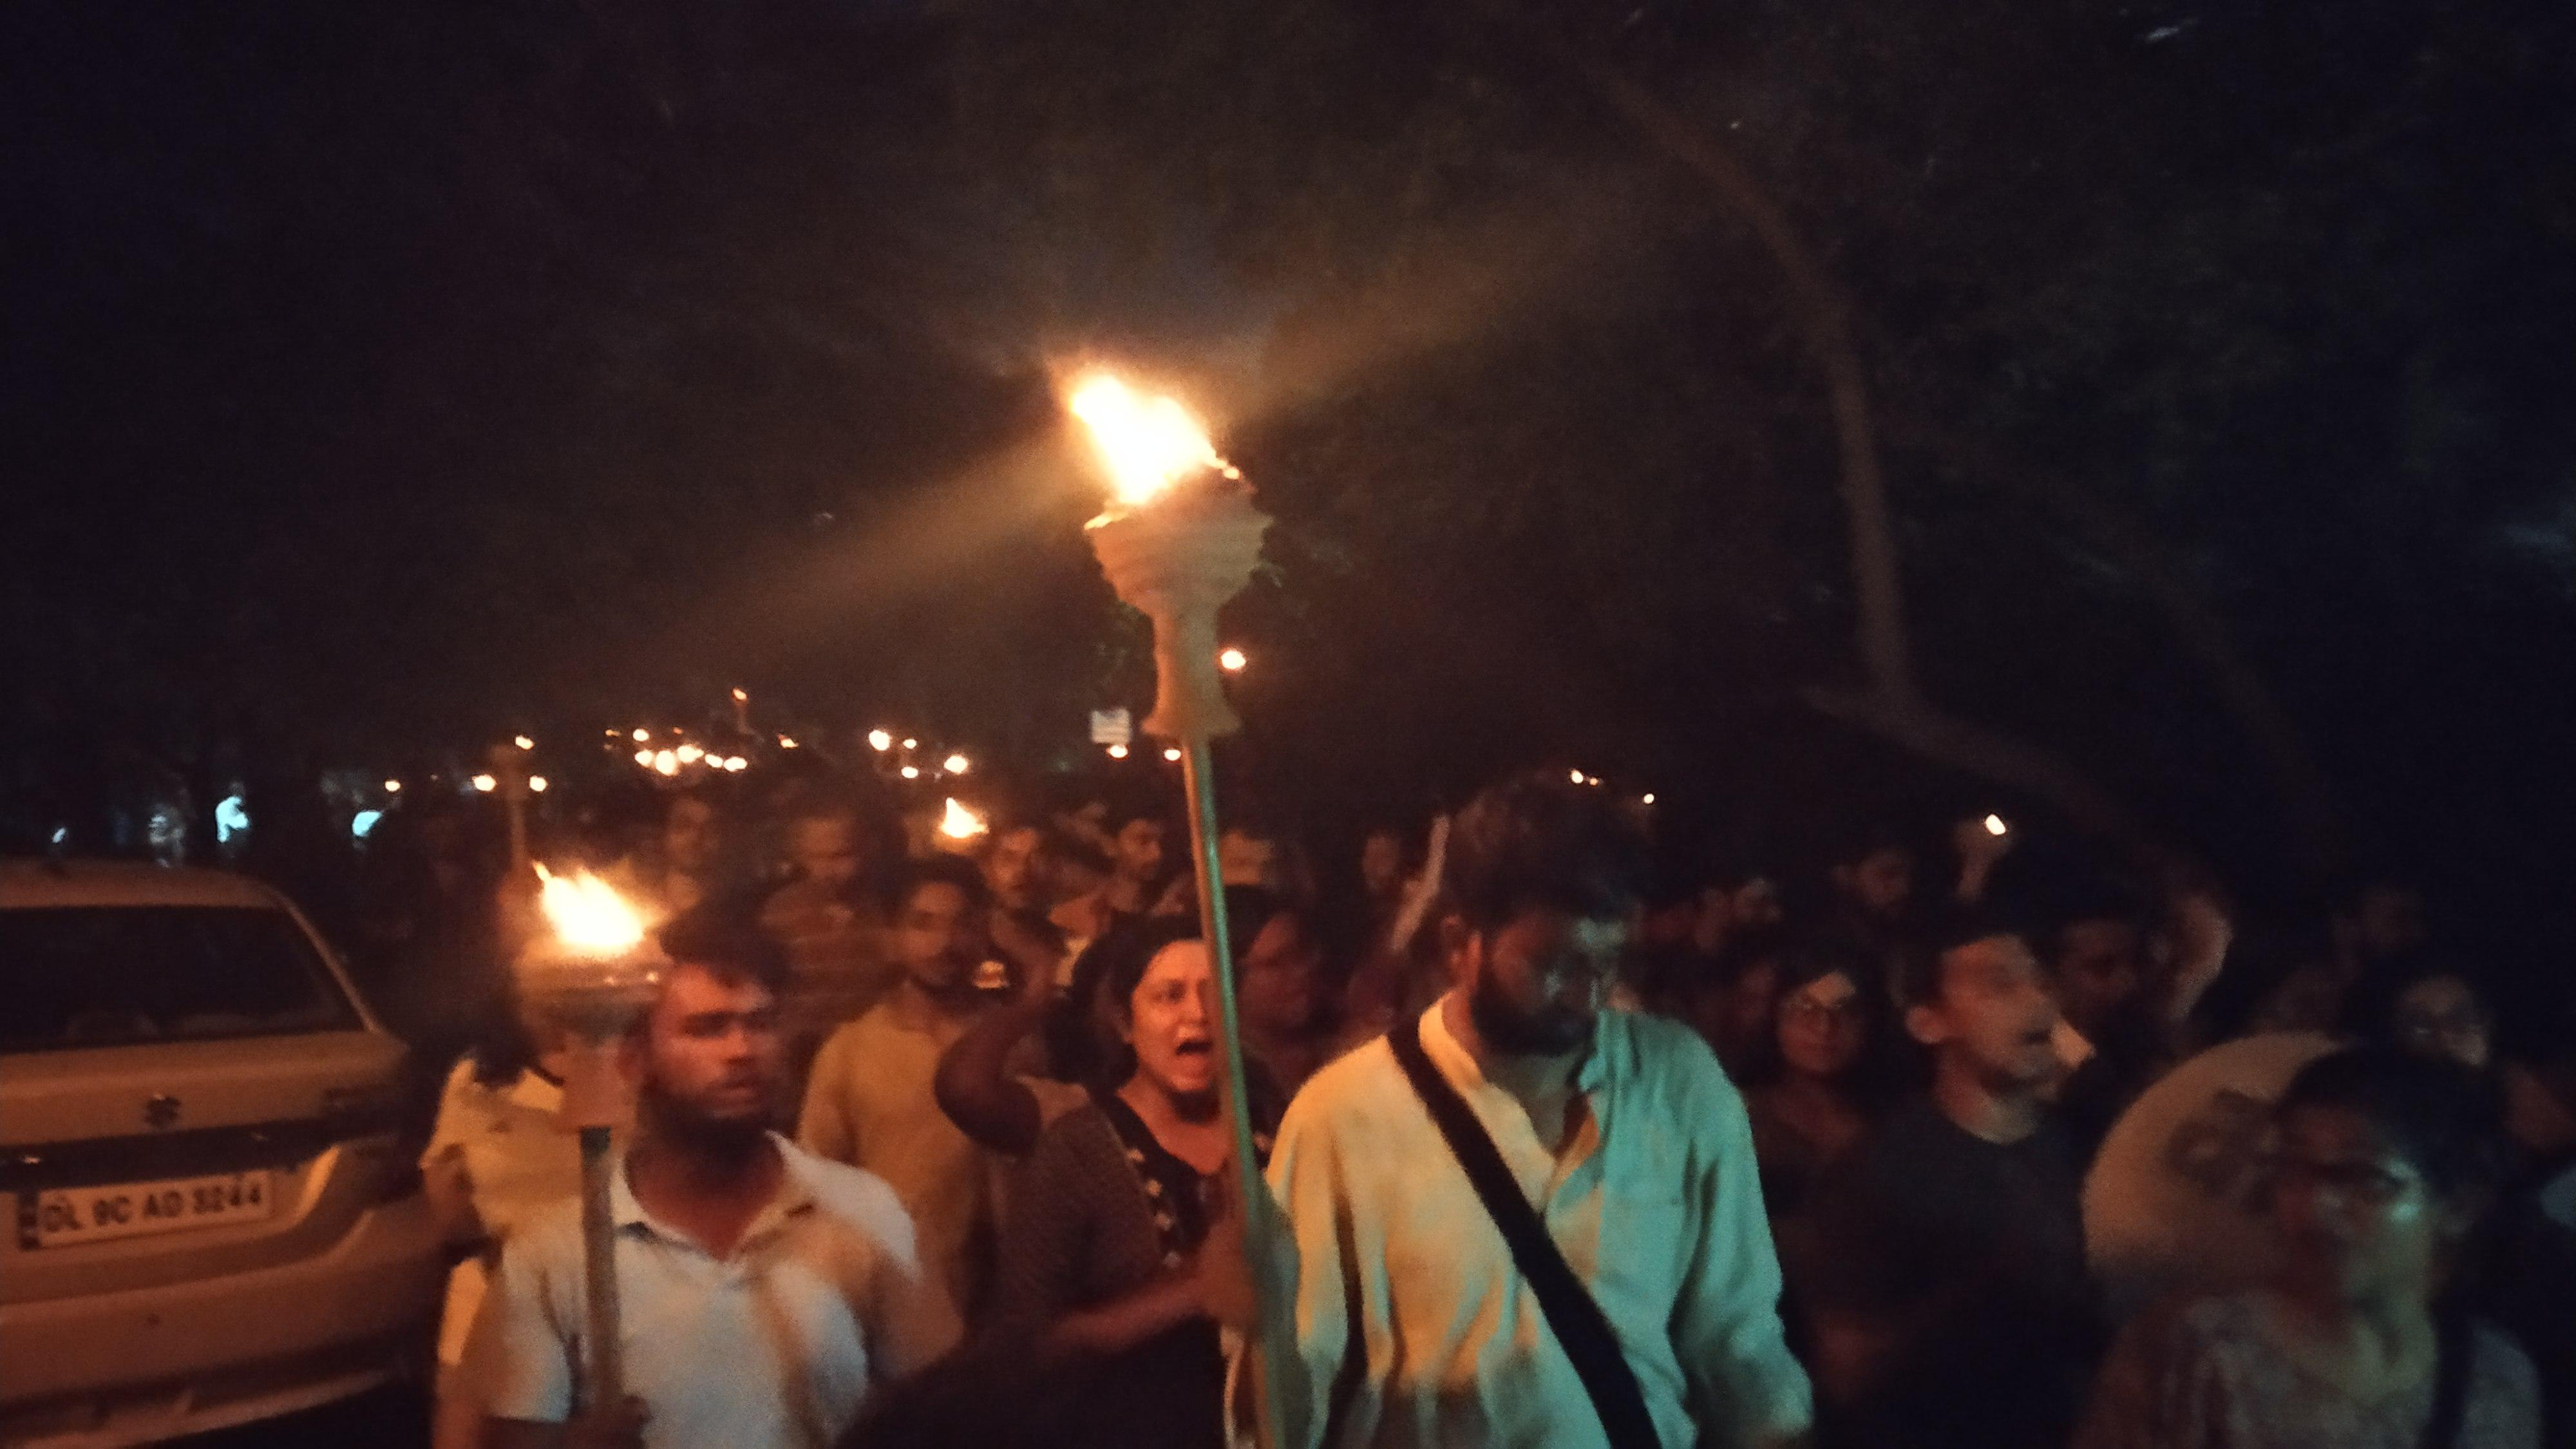 ஜே என் யூ மாணவர் சங்கத் தேர்தல்